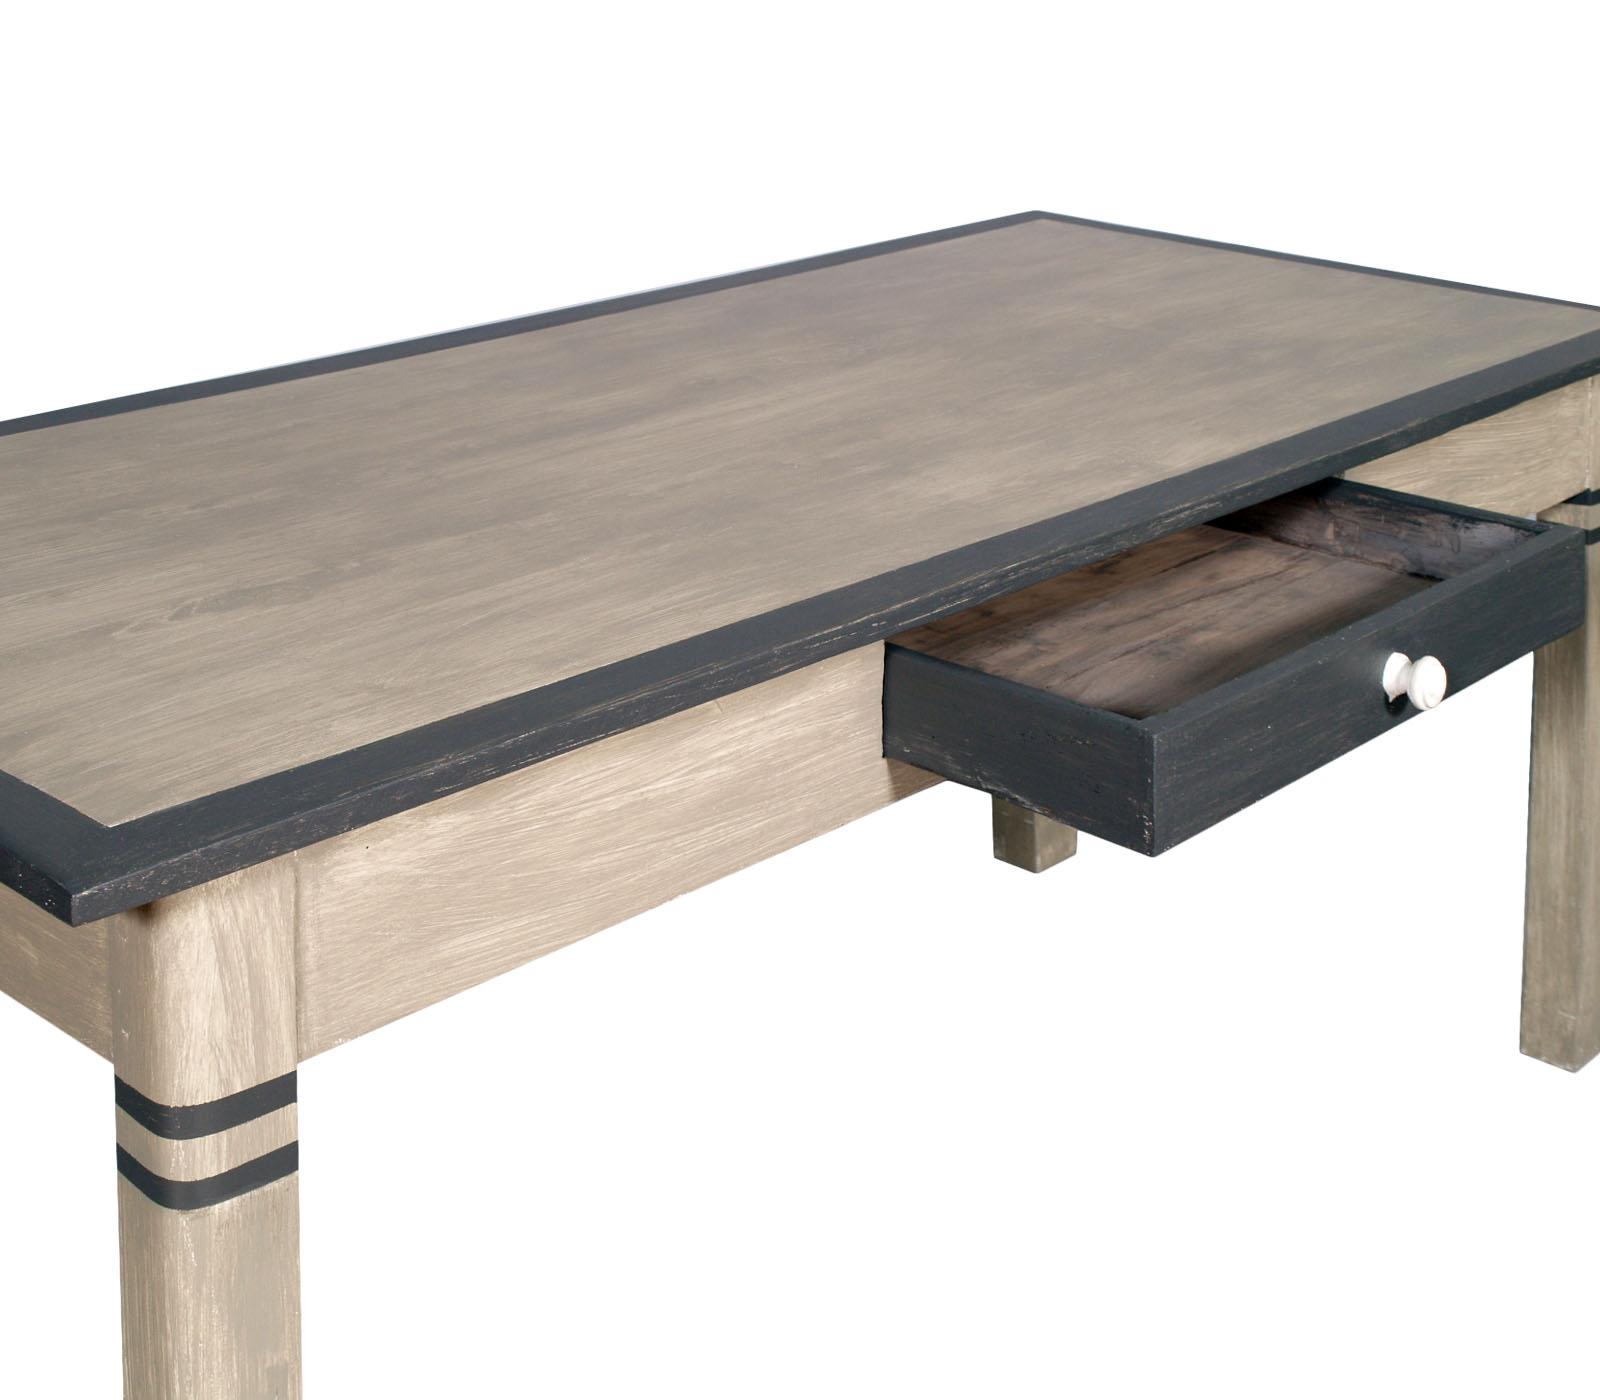 TAVOLO TABLE SHABBY CHIC LUNGO RETTANGOLARE GRIGIO GREY SCRIVANIA ...